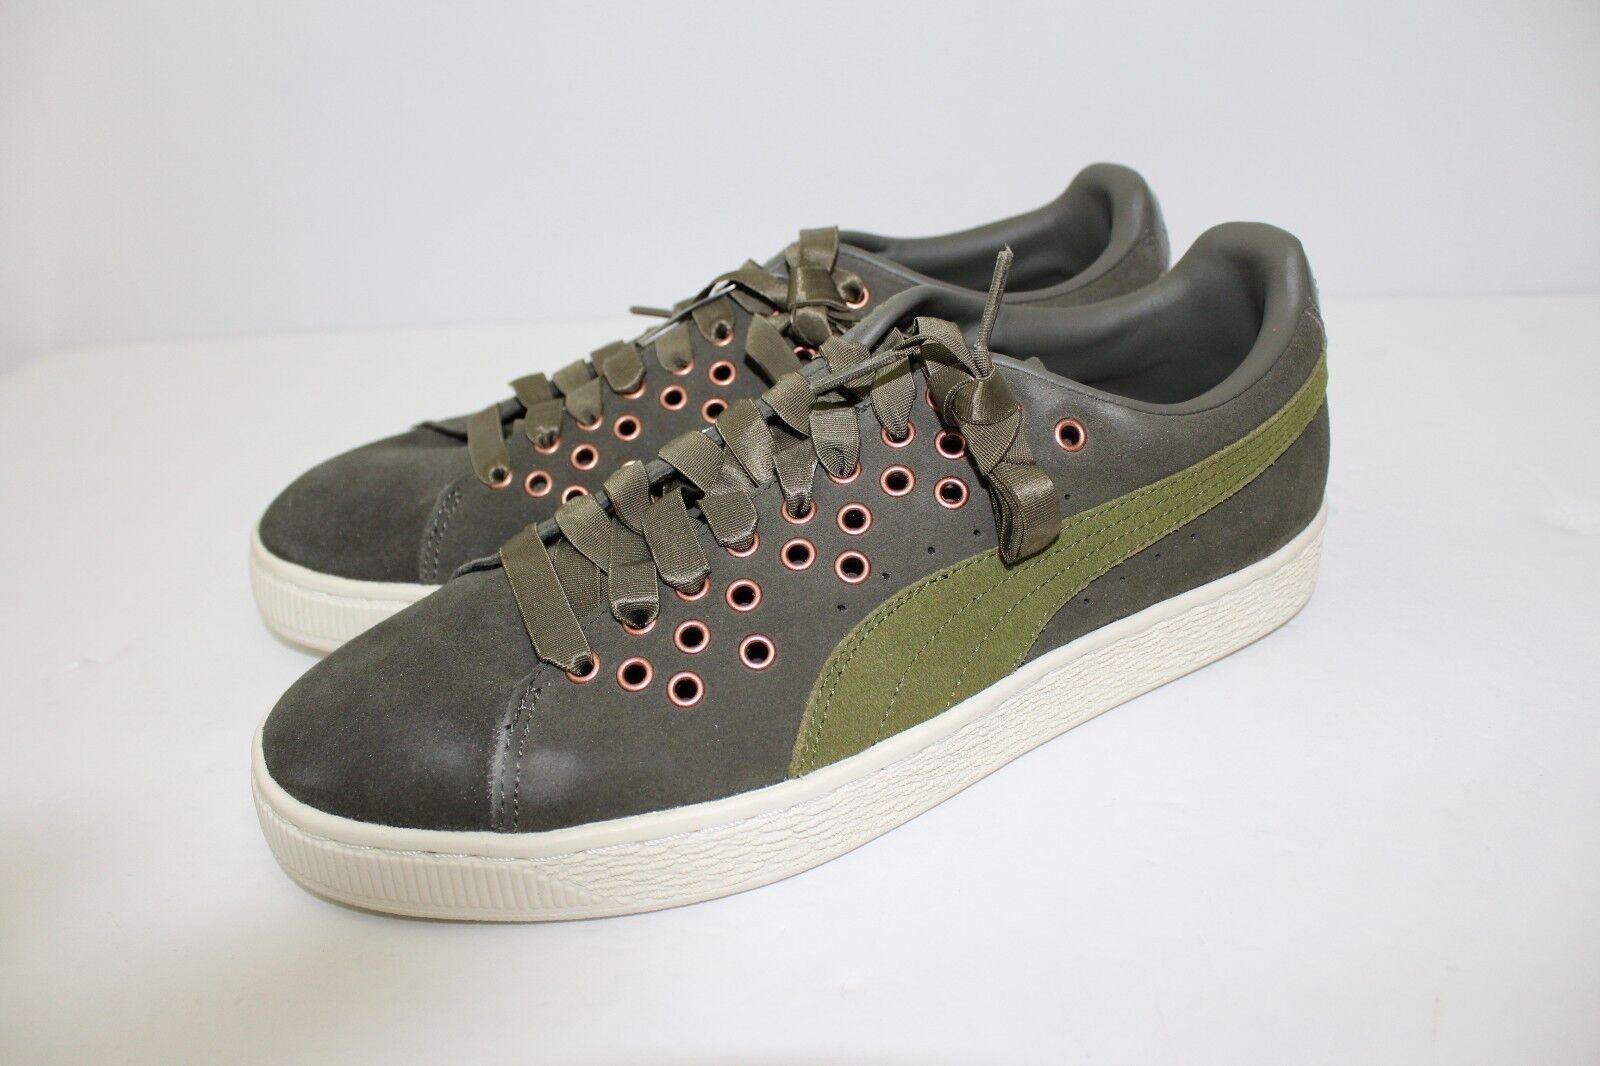 Puma Puma Puma Suede Xl Lace VR Sneakers - Olive - Women's Size 9.5 50d1a5